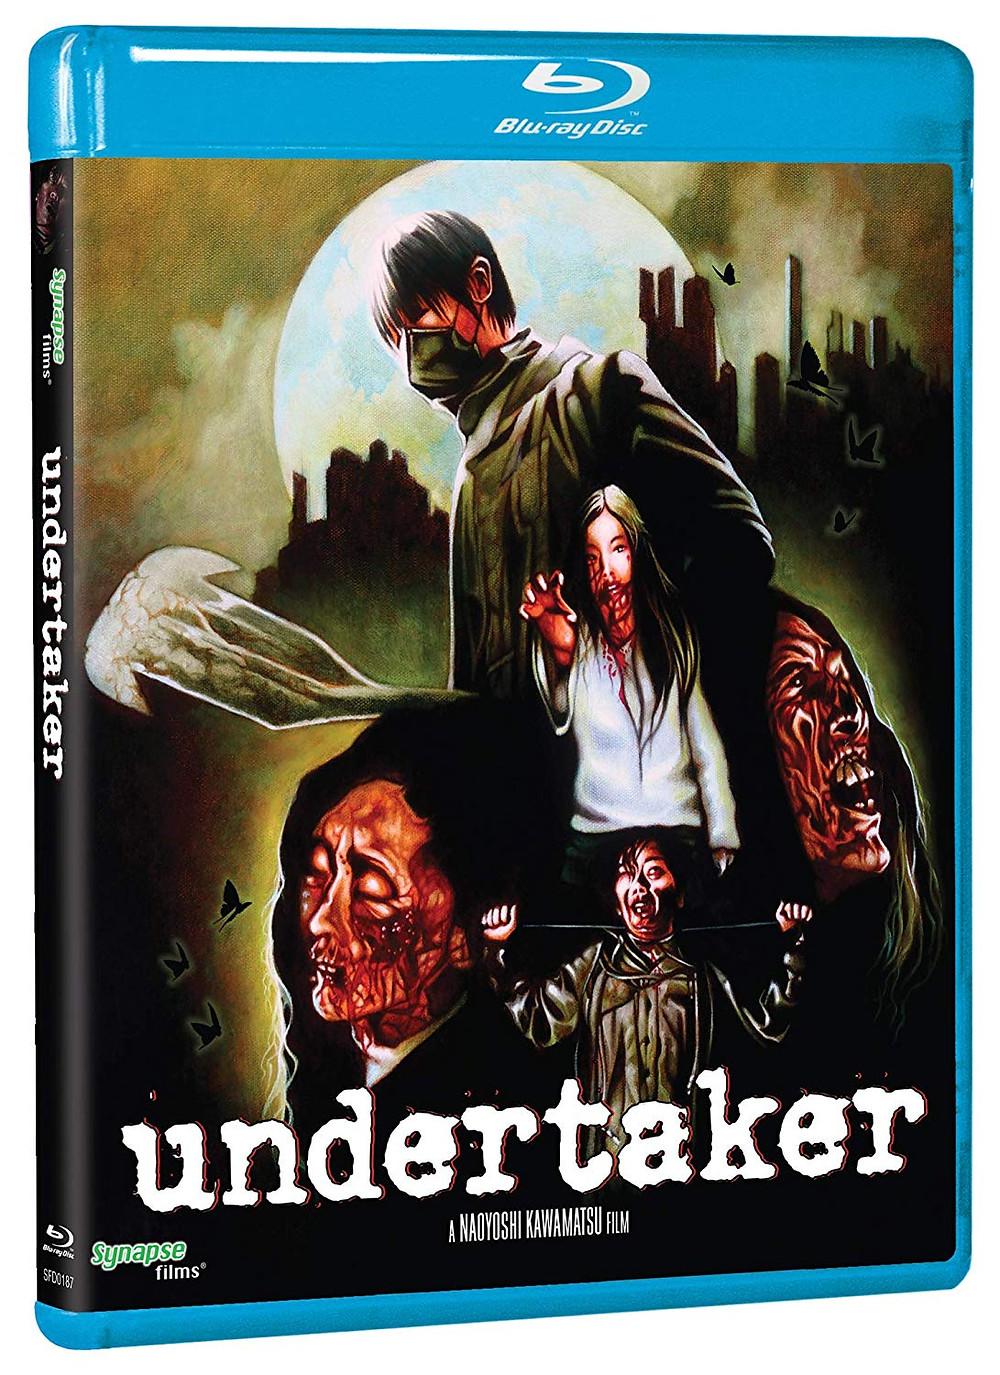 Synapse Films Naoyoshi Kawamatsu Undertaker